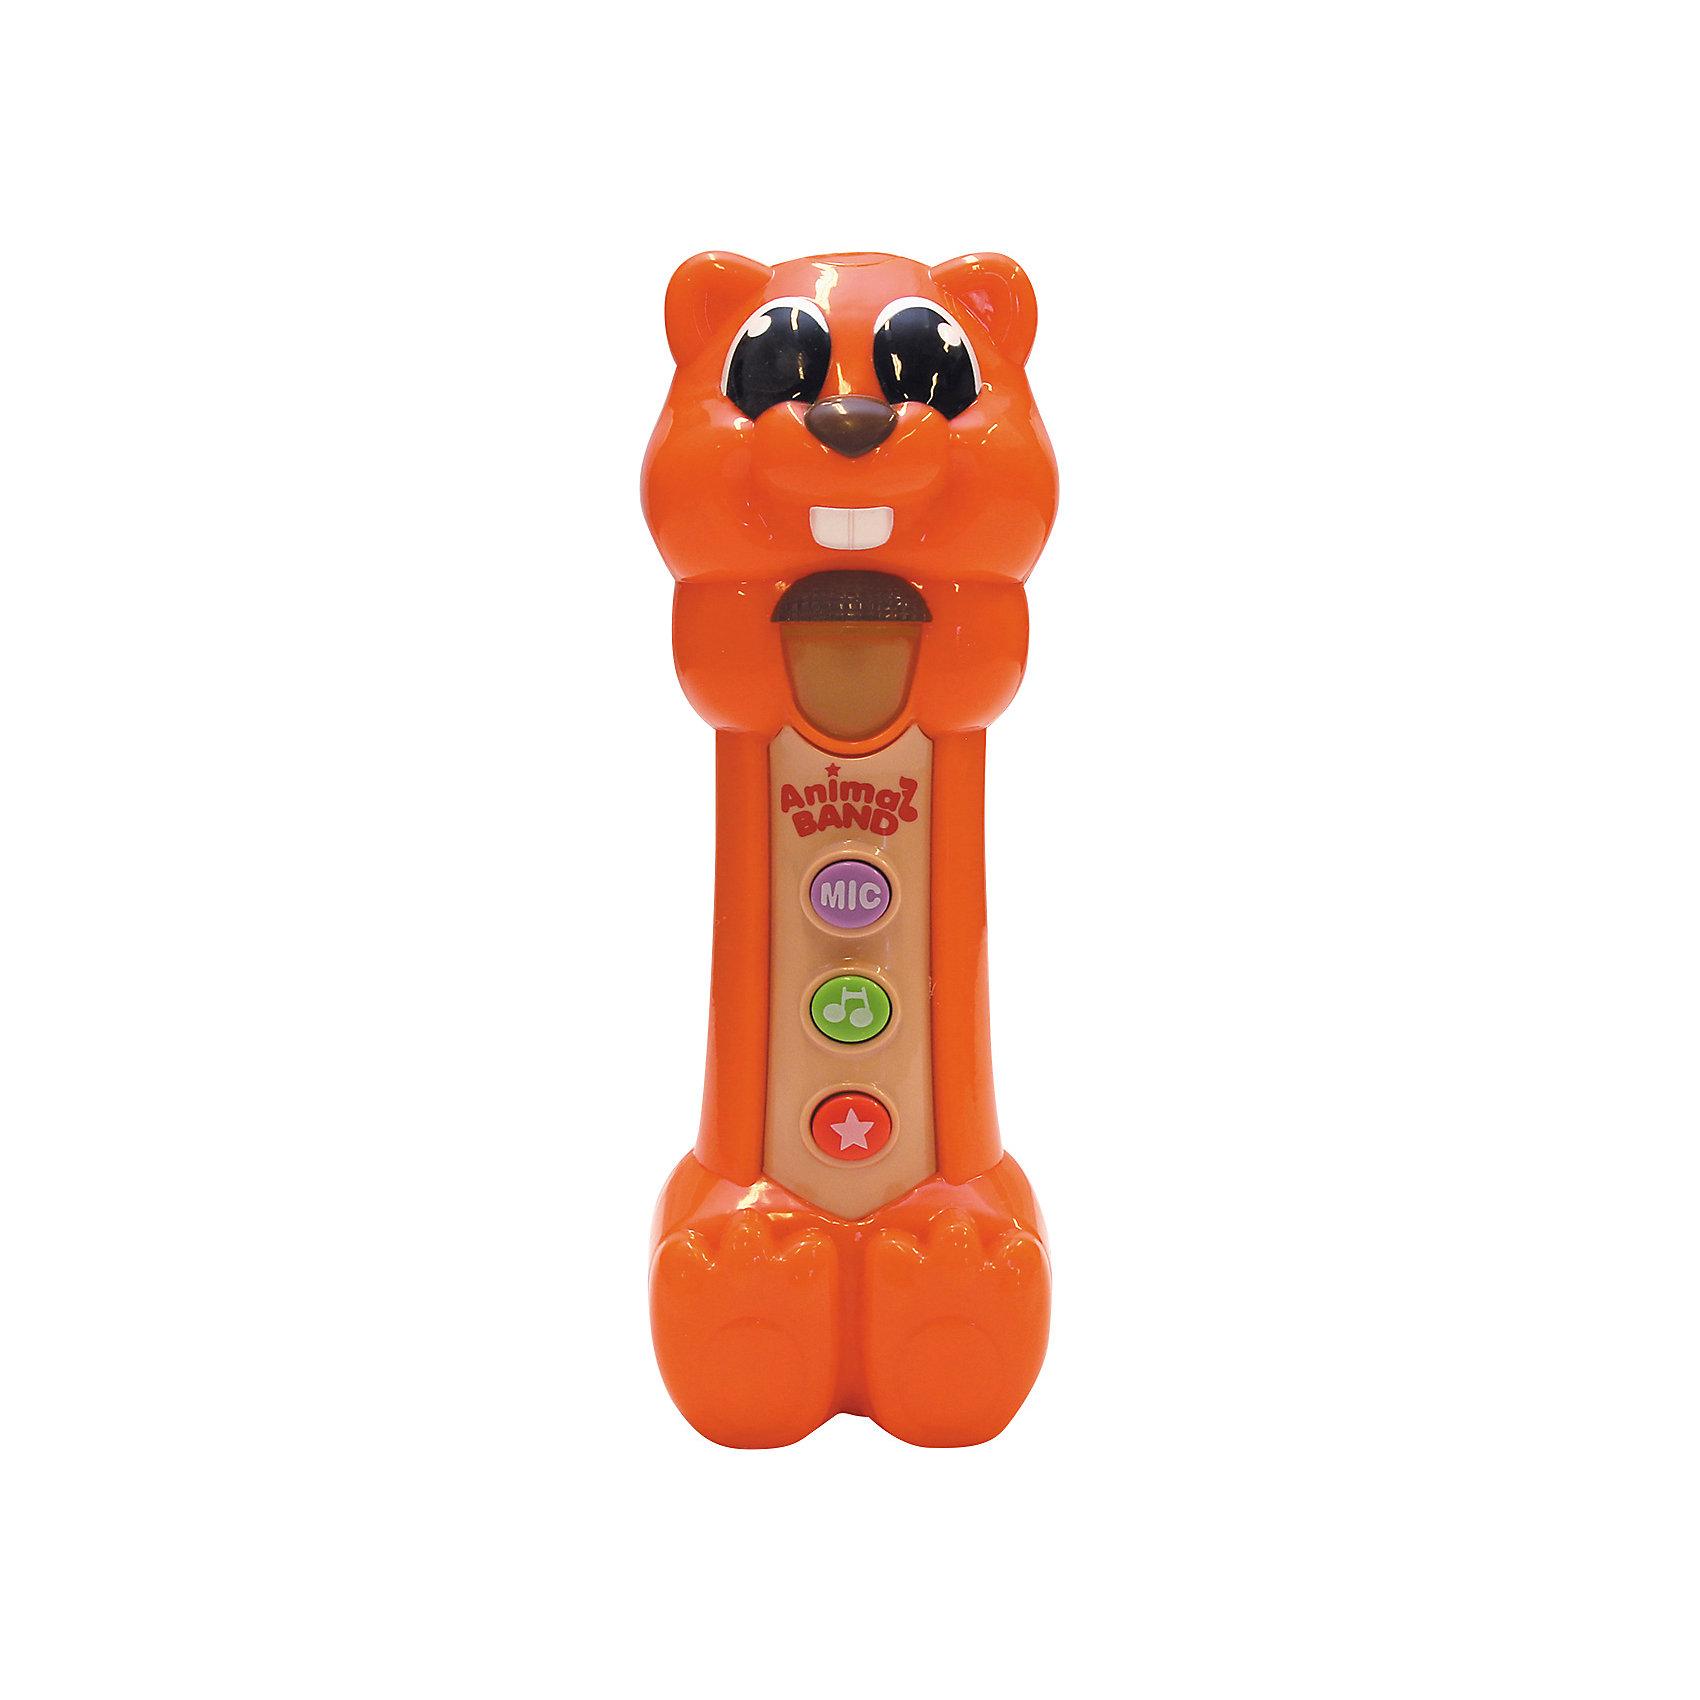 Поющая Белочка, KeenwayМузыкальные инструменты и игрушки<br>Музыкальная игрушка Поющая Белочка от  Keenway - отличный подарок ребенку. Это красочная игрушка, которая обязательно понравится малышу. Она выполнена в виде забавной белки. Нажав на зеленую кнопку на животе игрушки, ребенок услышит веселые песенки, а если нажмет на красную кнопочку - то забавные звуки. При этом звуки сопровождаются световыми эффектами. <br>Игрушка по габаритам идеально подходит для маленьких ручек малыша. Весит совсем немного. Такие игрушки помогают развить мелкую моторику, логическое мышление и воображение ребенка. Эта игрушка выполнена из высококачественного прочного пластика, безопасного для детей.<br>  <br>Дополнительная информация:<br><br>цвет: разноцветный;<br>материал: пластик;<br>размер упаковки: 21х10х13 см;<br>батарейки: 3ХхАА, в комплекте.<br><br>Игрушку Поющая Белочка от компании Keenway можно купить в нашем магазине.<br><br>Ширина мм: 420<br>Глубина мм: 220<br>Высота мм: 150<br>Вес г: 1225<br>Возраст от месяцев: 36<br>Возраст до месяцев: 120<br>Пол: Унисекс<br>Возраст: Детский<br>SKU: 4810985